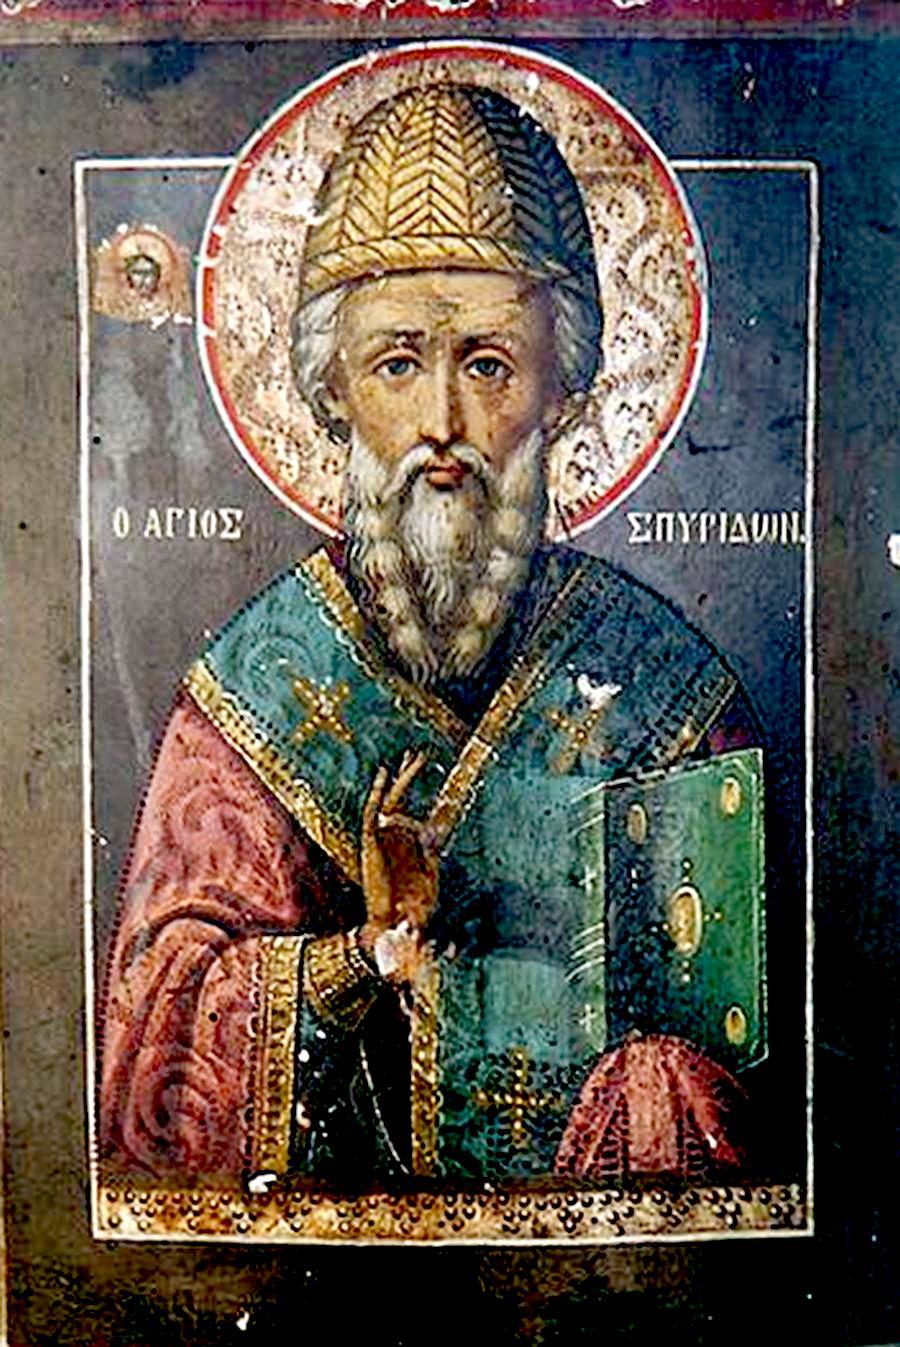 Святитель Спиридон, Епископ Тримифунтский, Чудотворец. Икона происходит из церкви Святой Параскевы в Лангадасе, Греция.